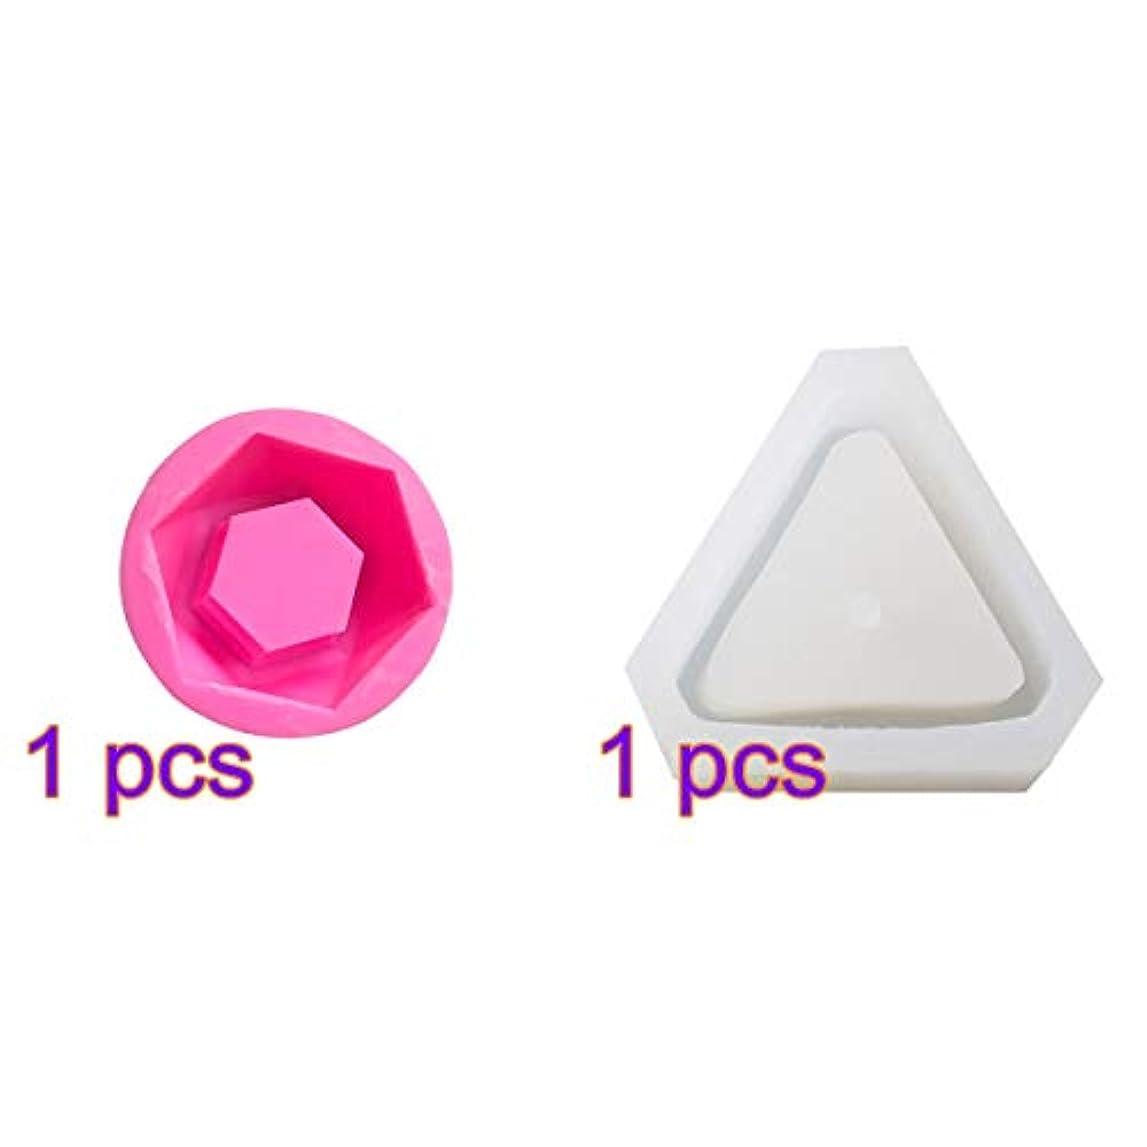 結紮気体の仮定SUPVOX シリコーン金型多肉植物植物セメントプランター金型ホームインテリア(三角形+ダイヤモンド)